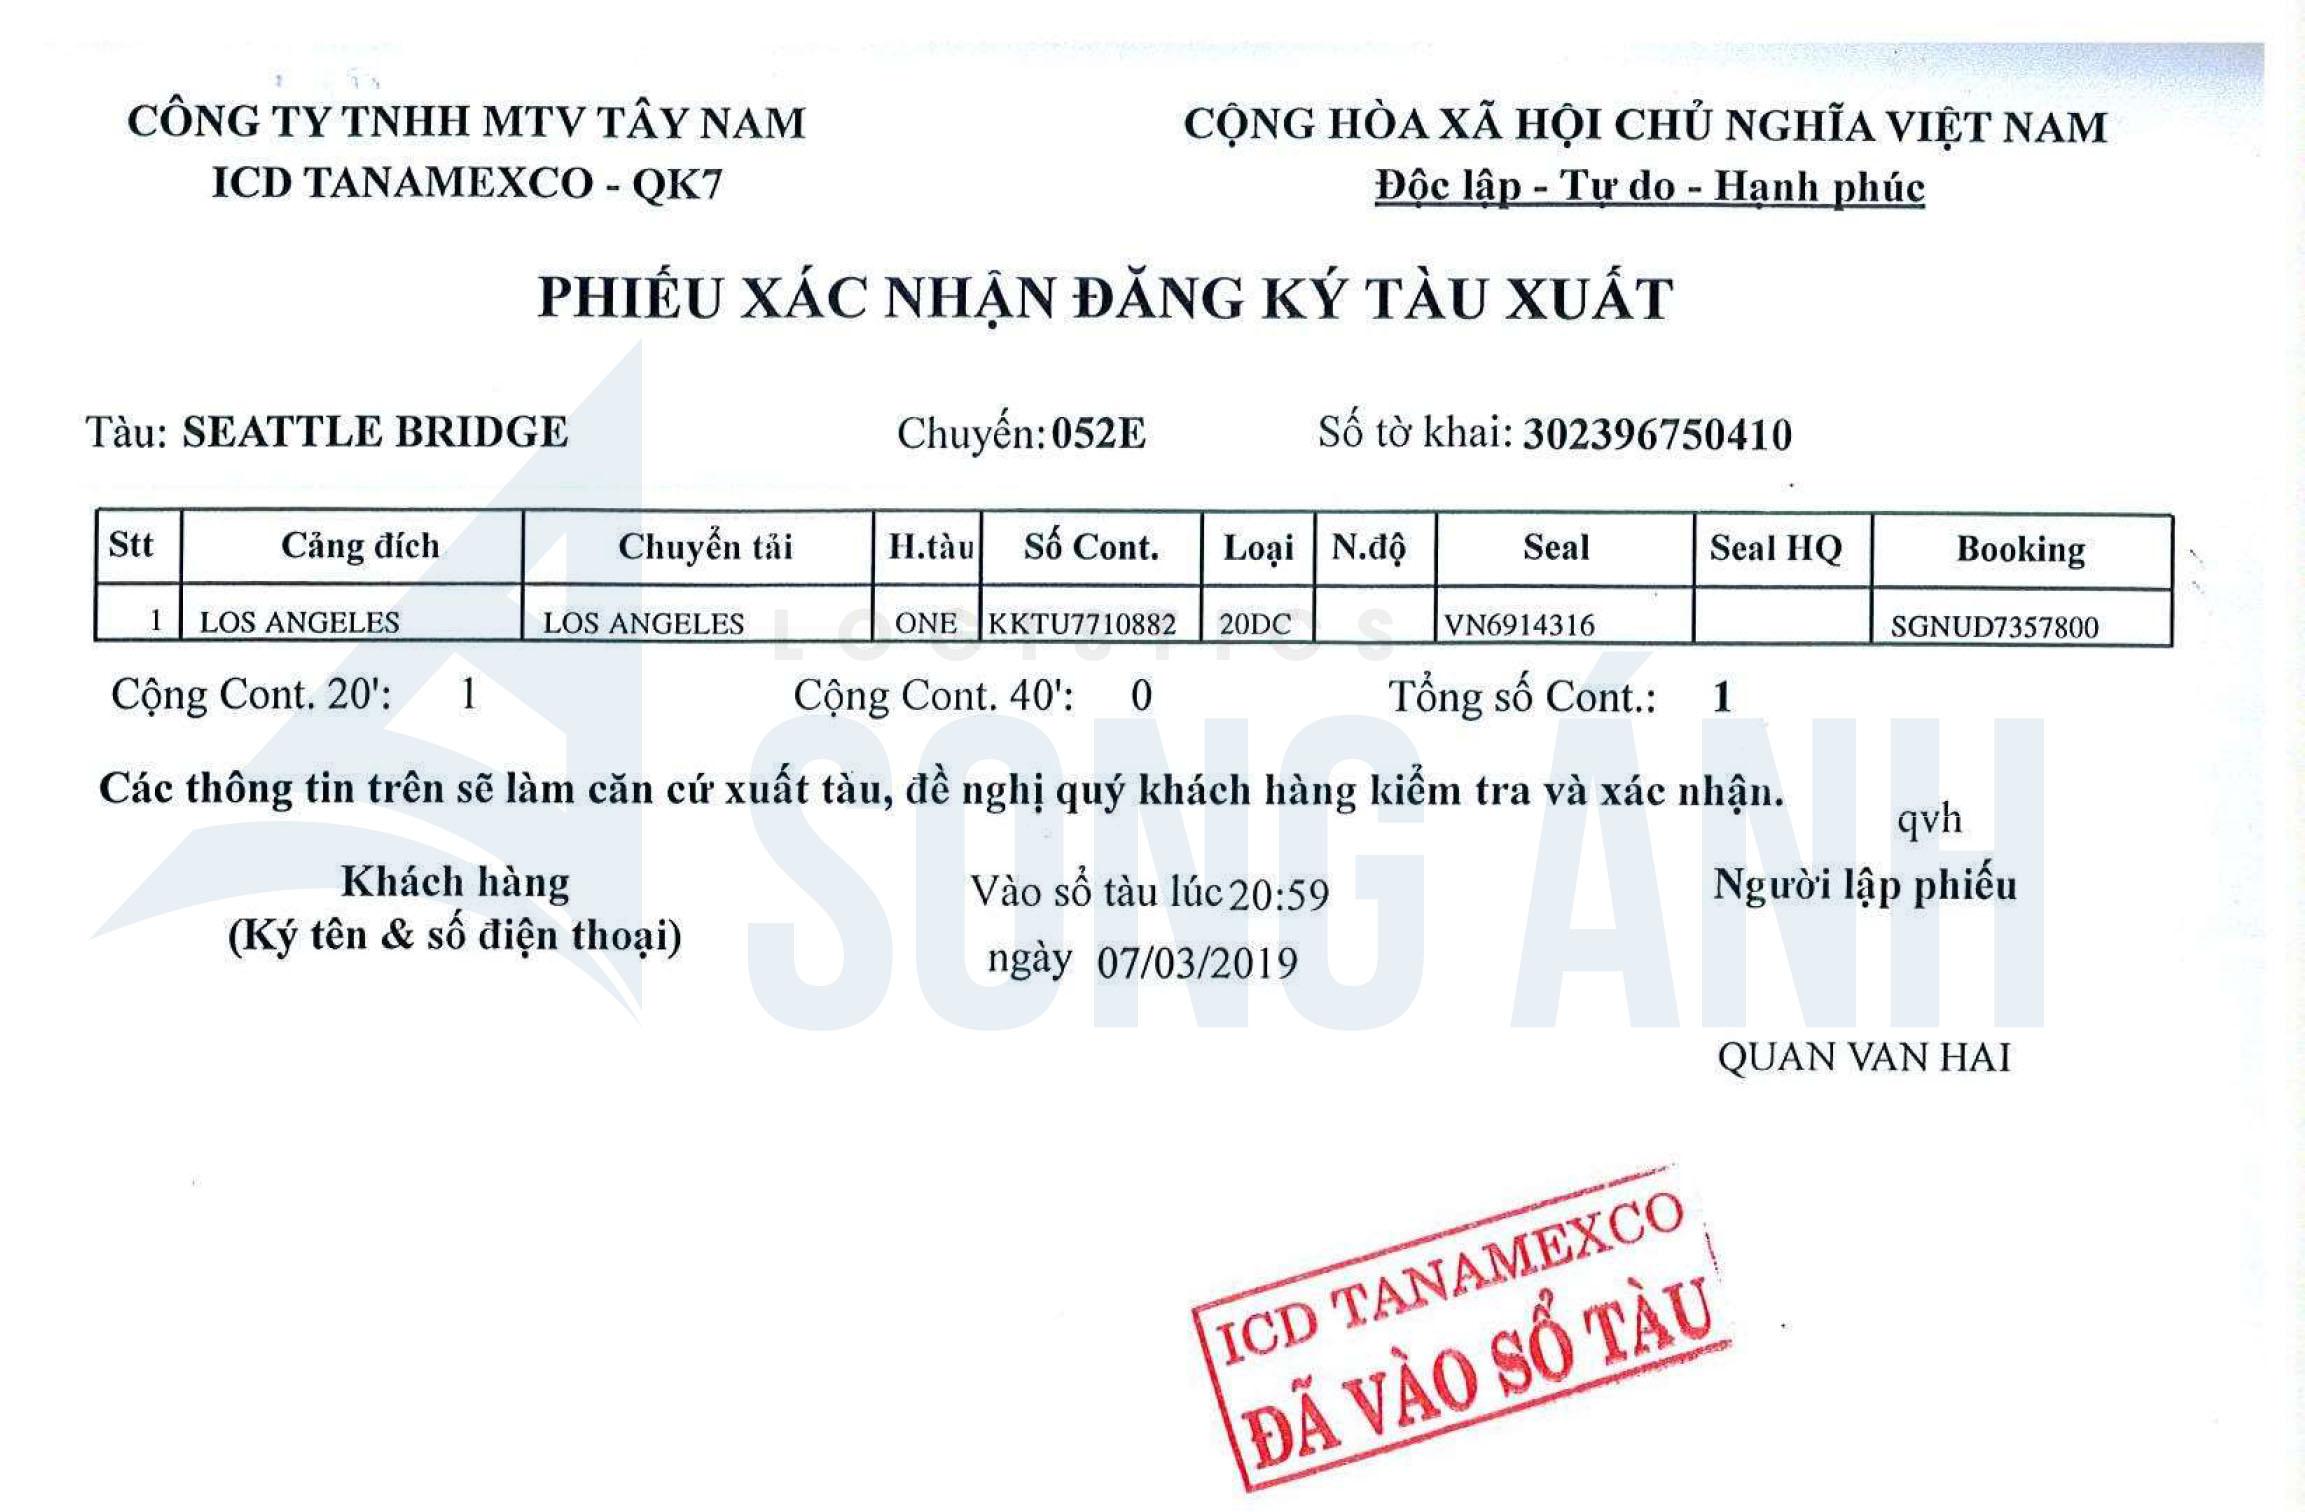 Phiếu xác nhận đăng ký tàu xuất ICD Tanamexco